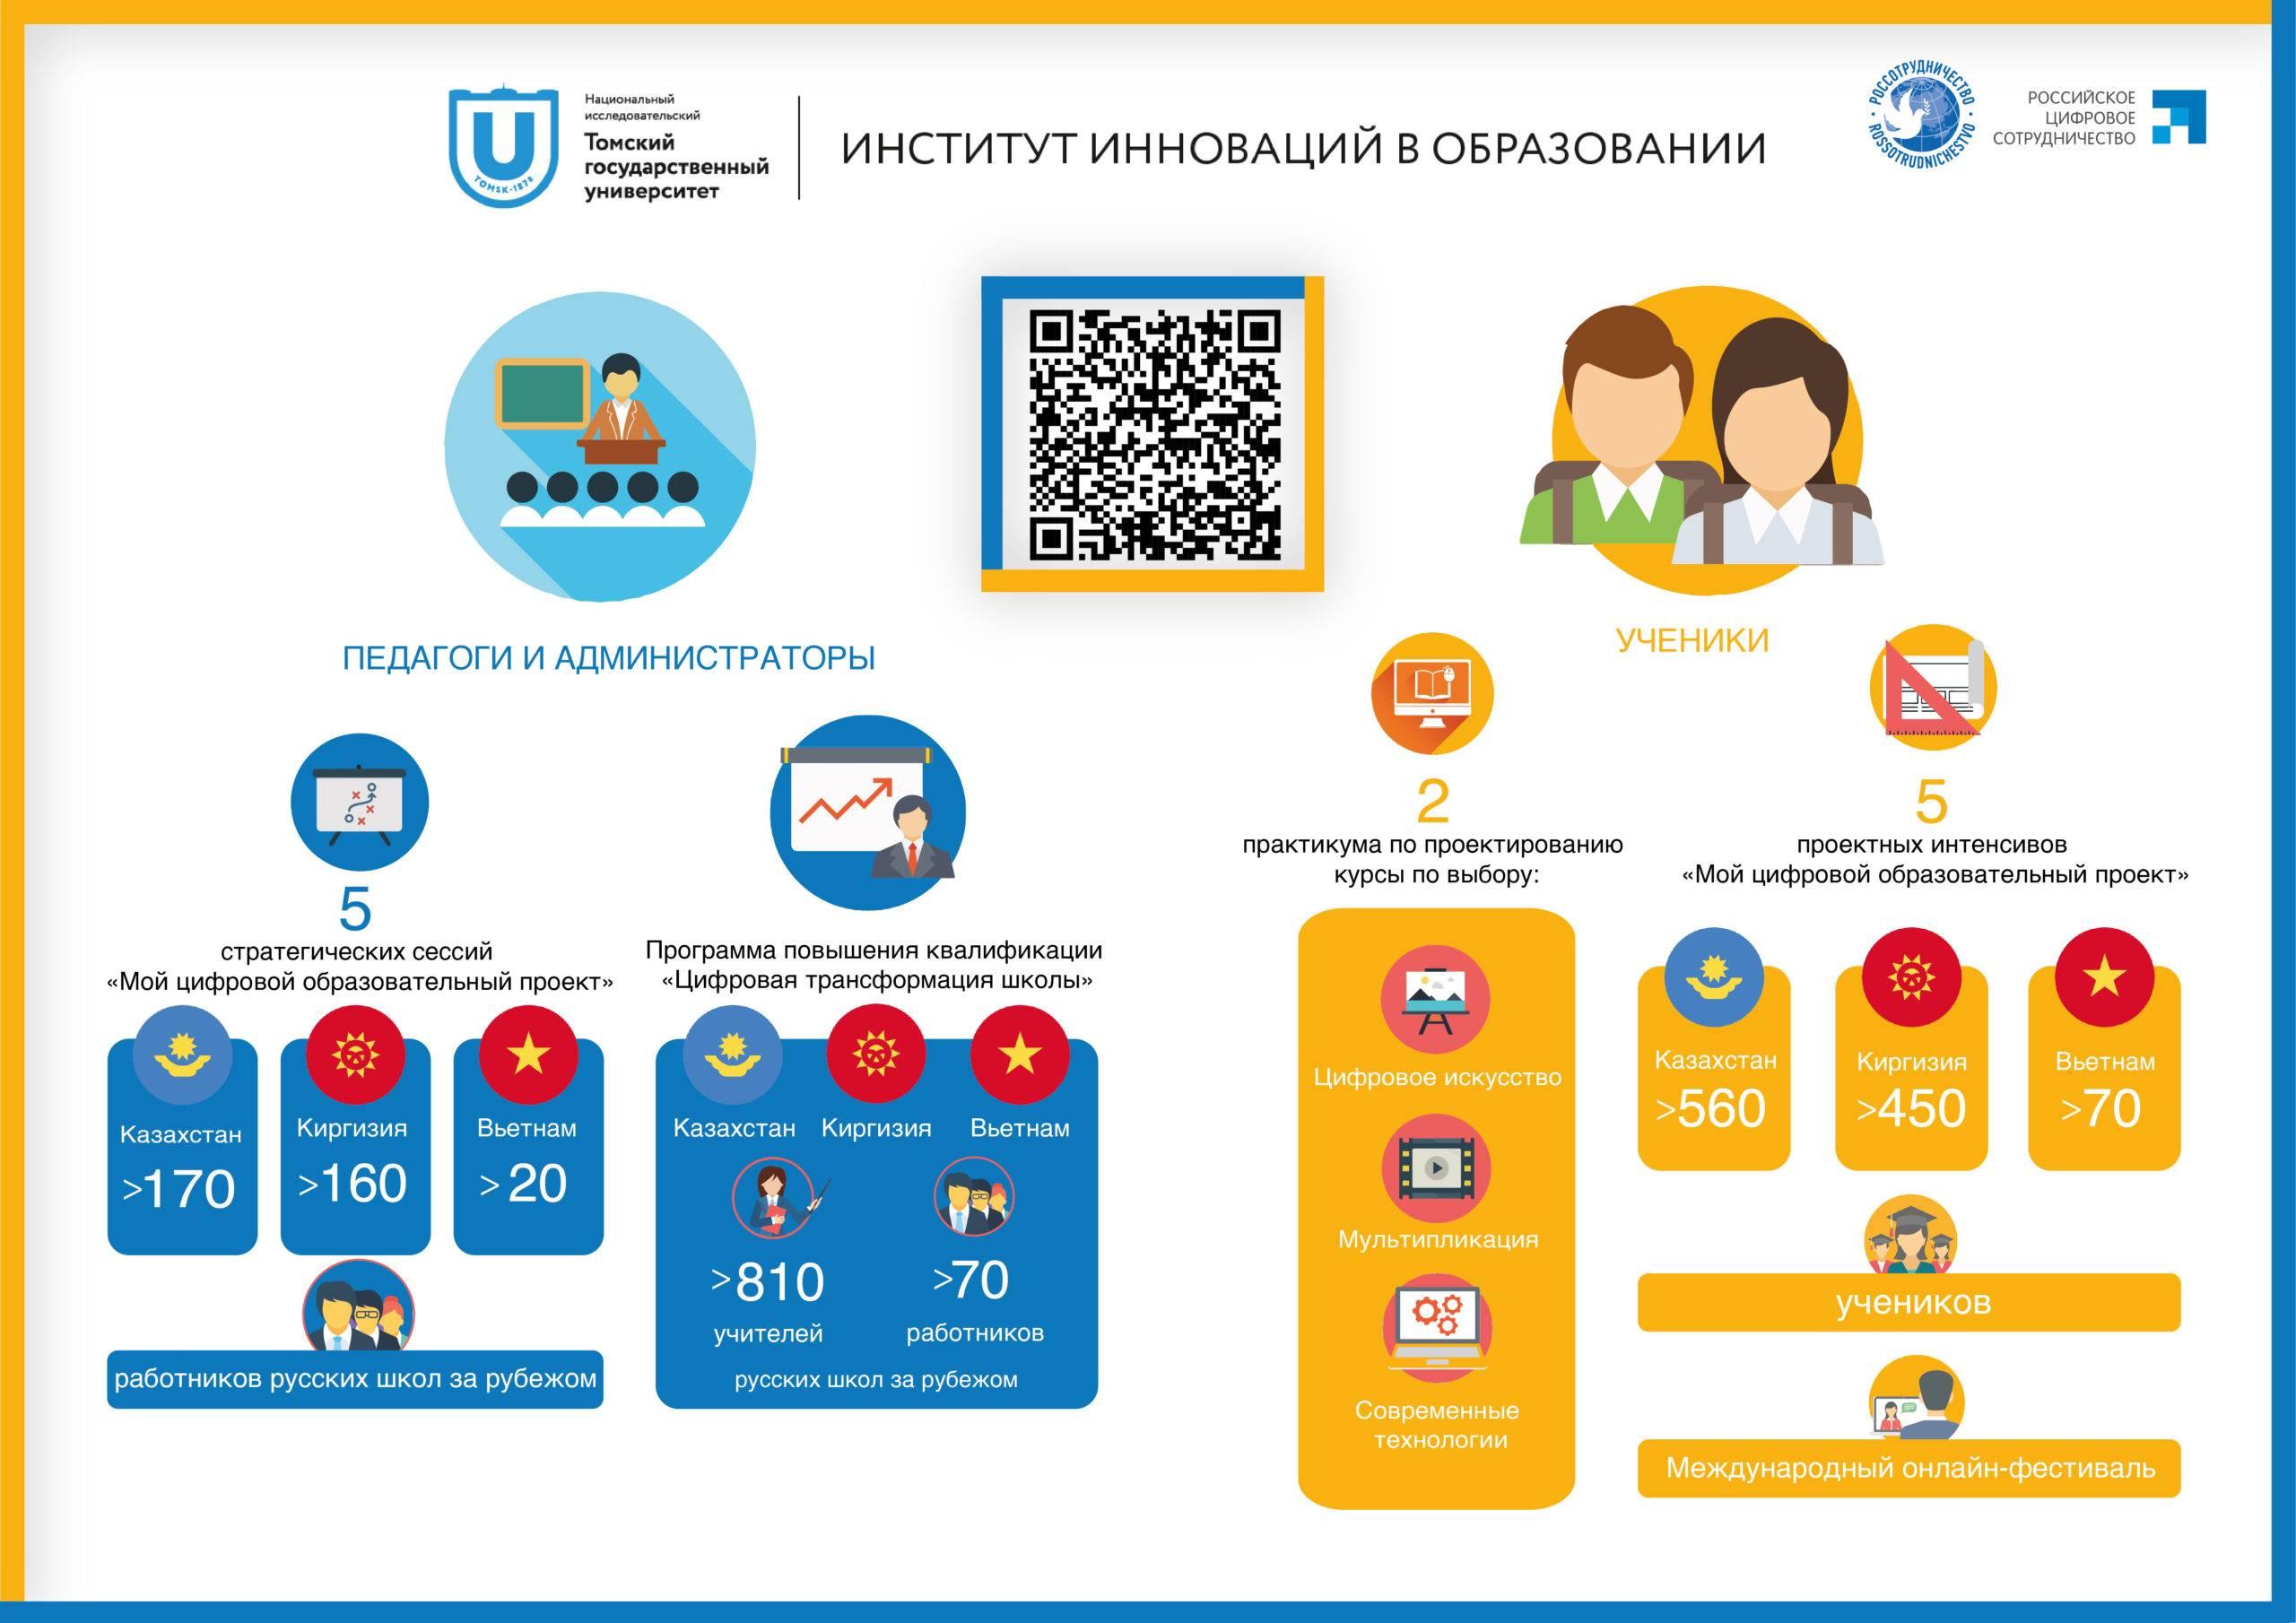 Получение внж в эстонии гражданину россии при покупке недвижимости, по браку в 2021